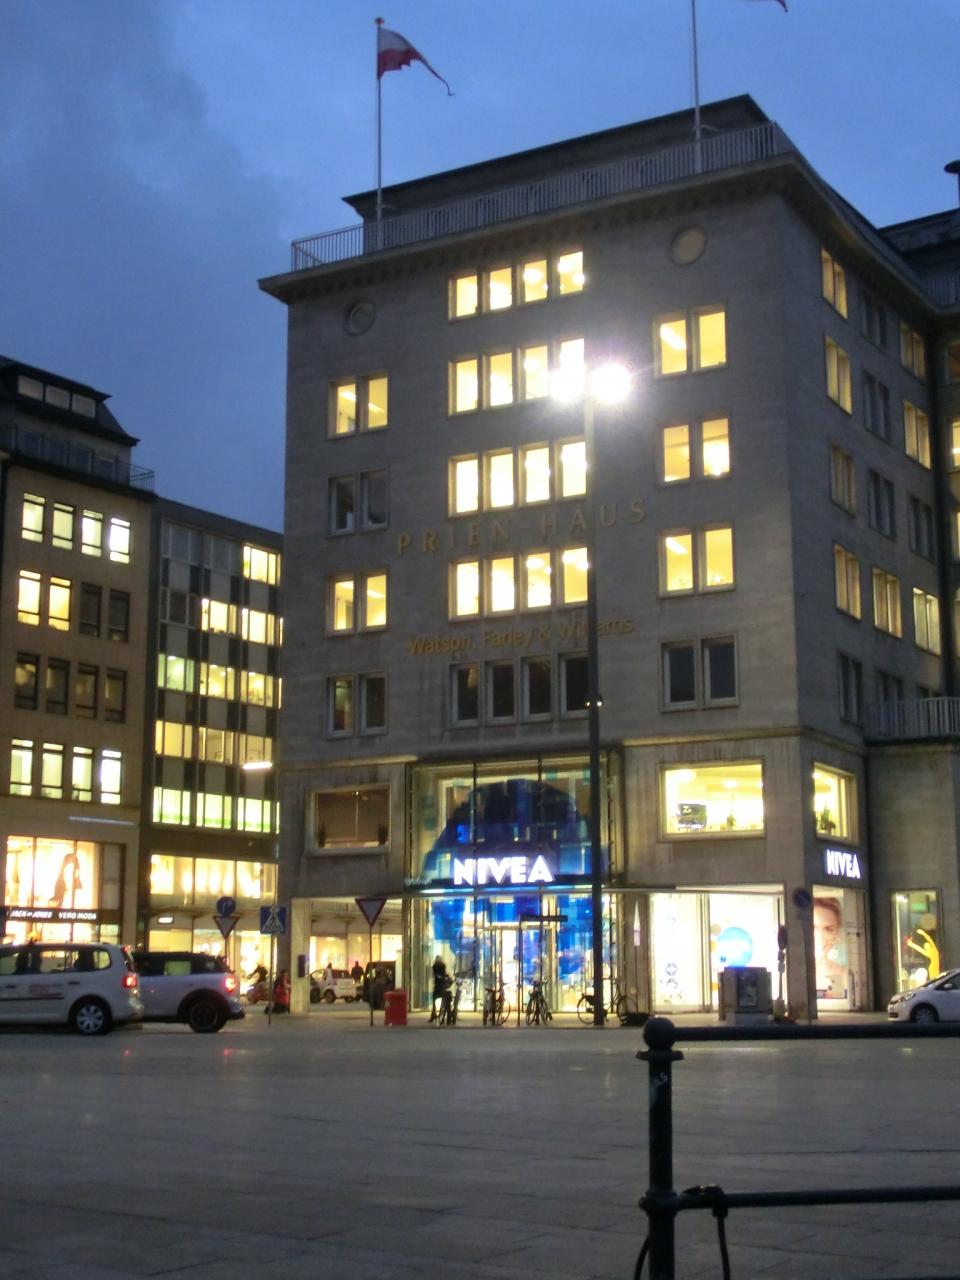 ニベア ハウス ハンブルク店 クチコミガイド【フォートラベル】 Nivea Haus Hamburg ハンブルク